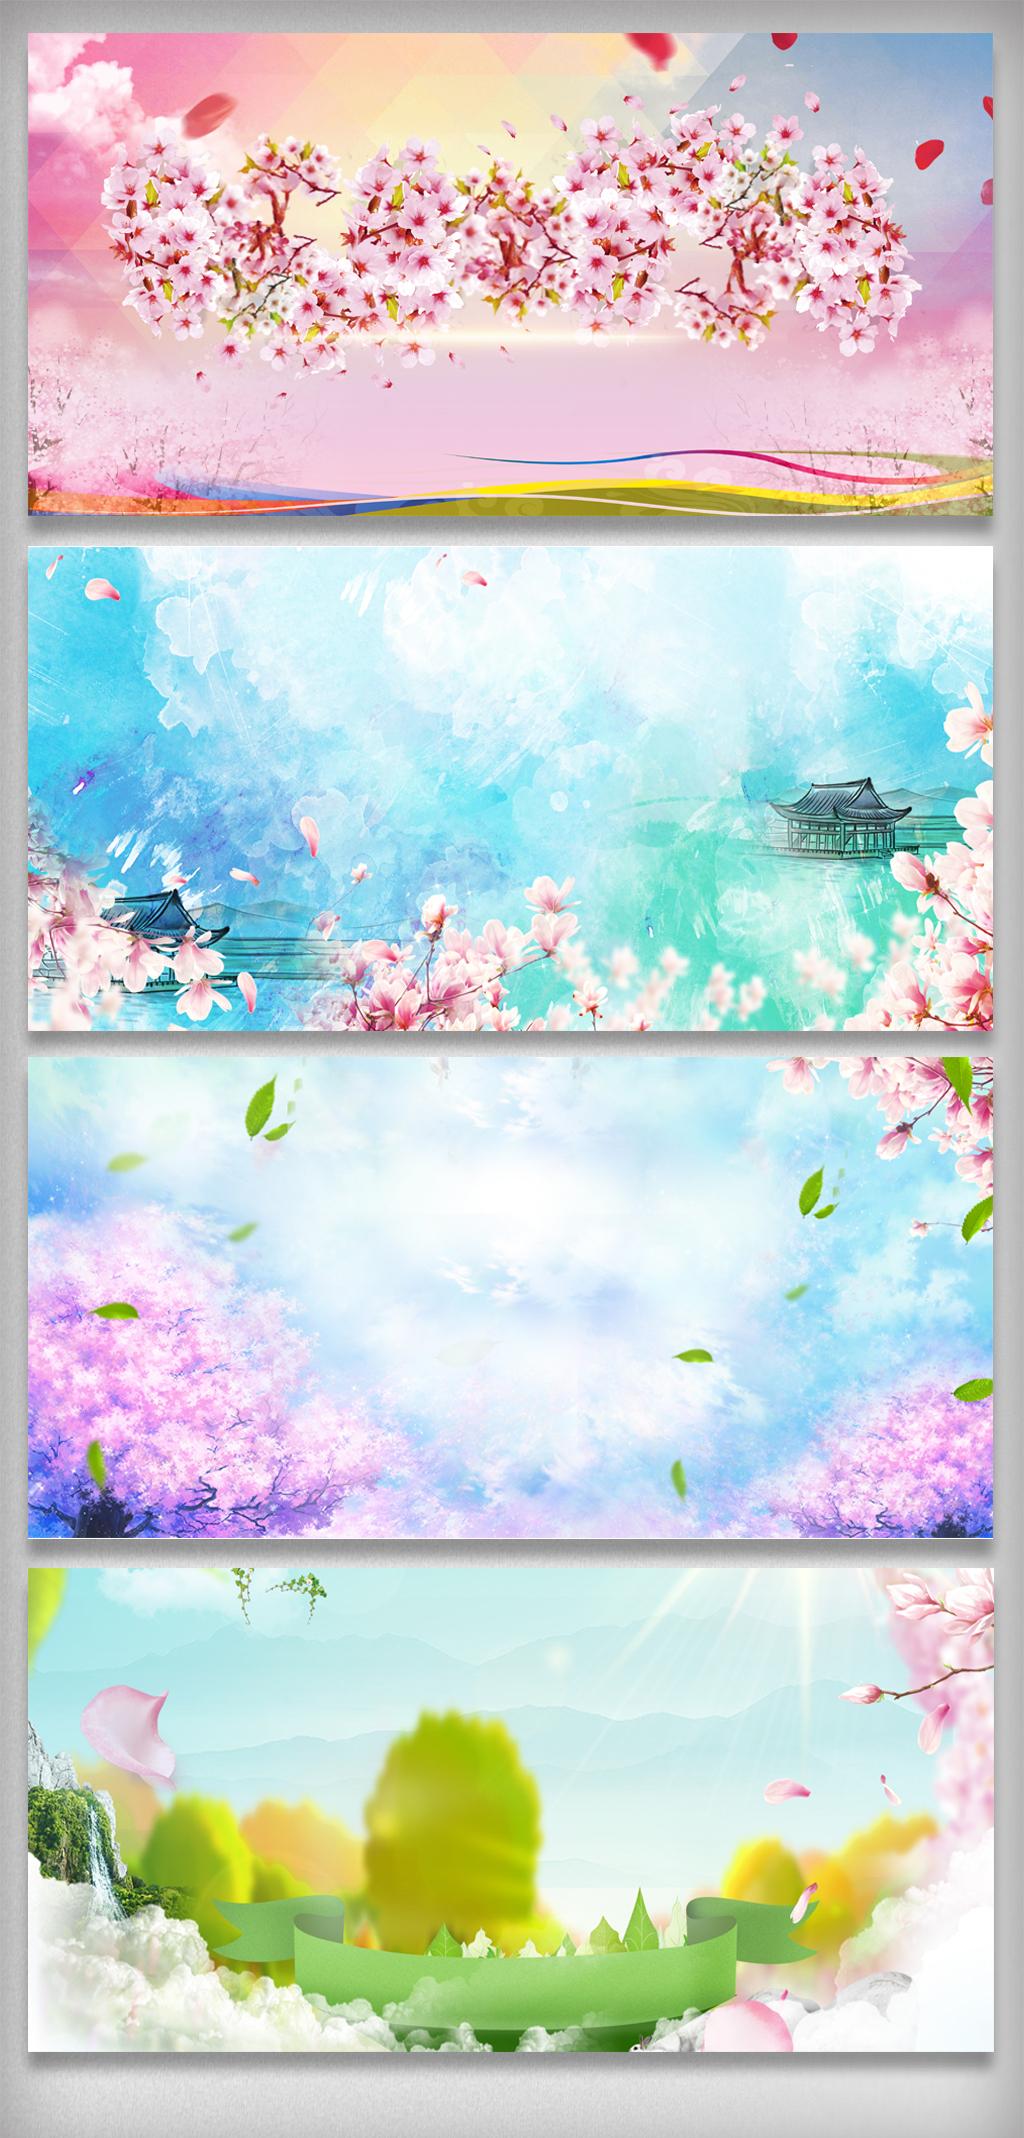 樱花节中国风手绘海报背景模板